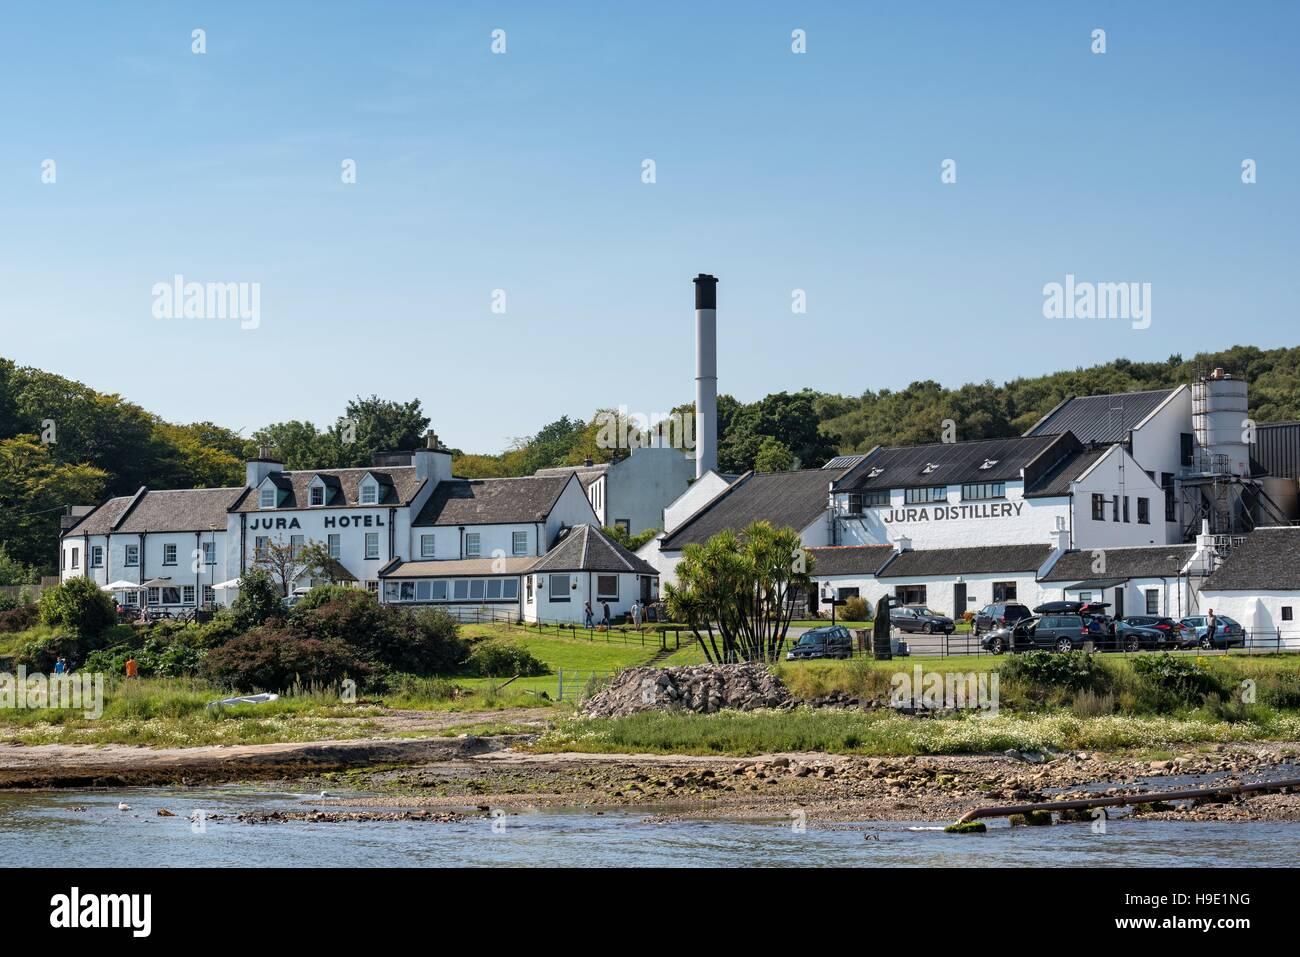 Distillerie de whisky et Jura, Jura, l'hôtel Inner Hébrides, Ecosse, Royaume-Uni Banque D'Images